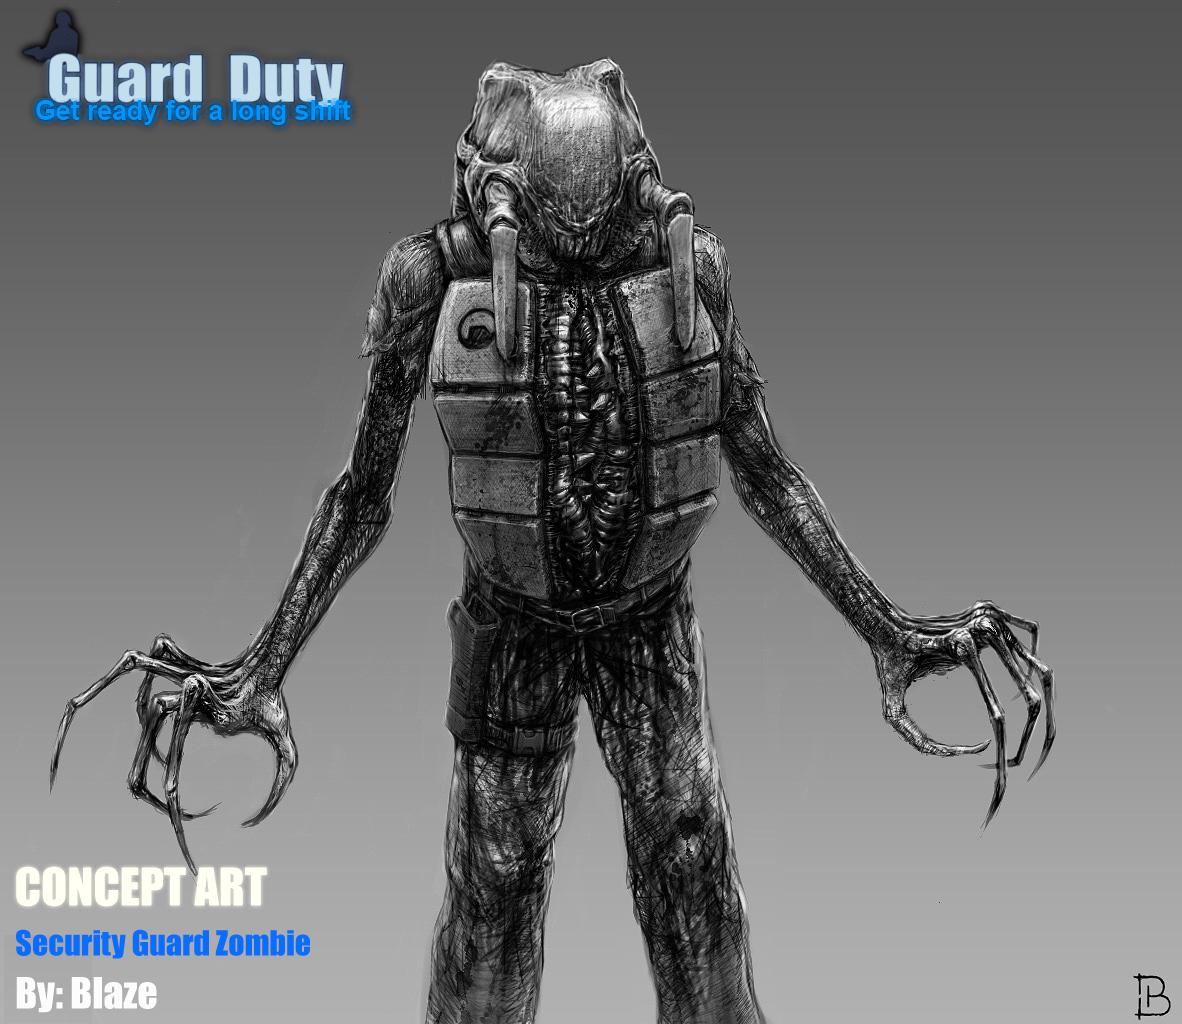 Security Guard Good Job